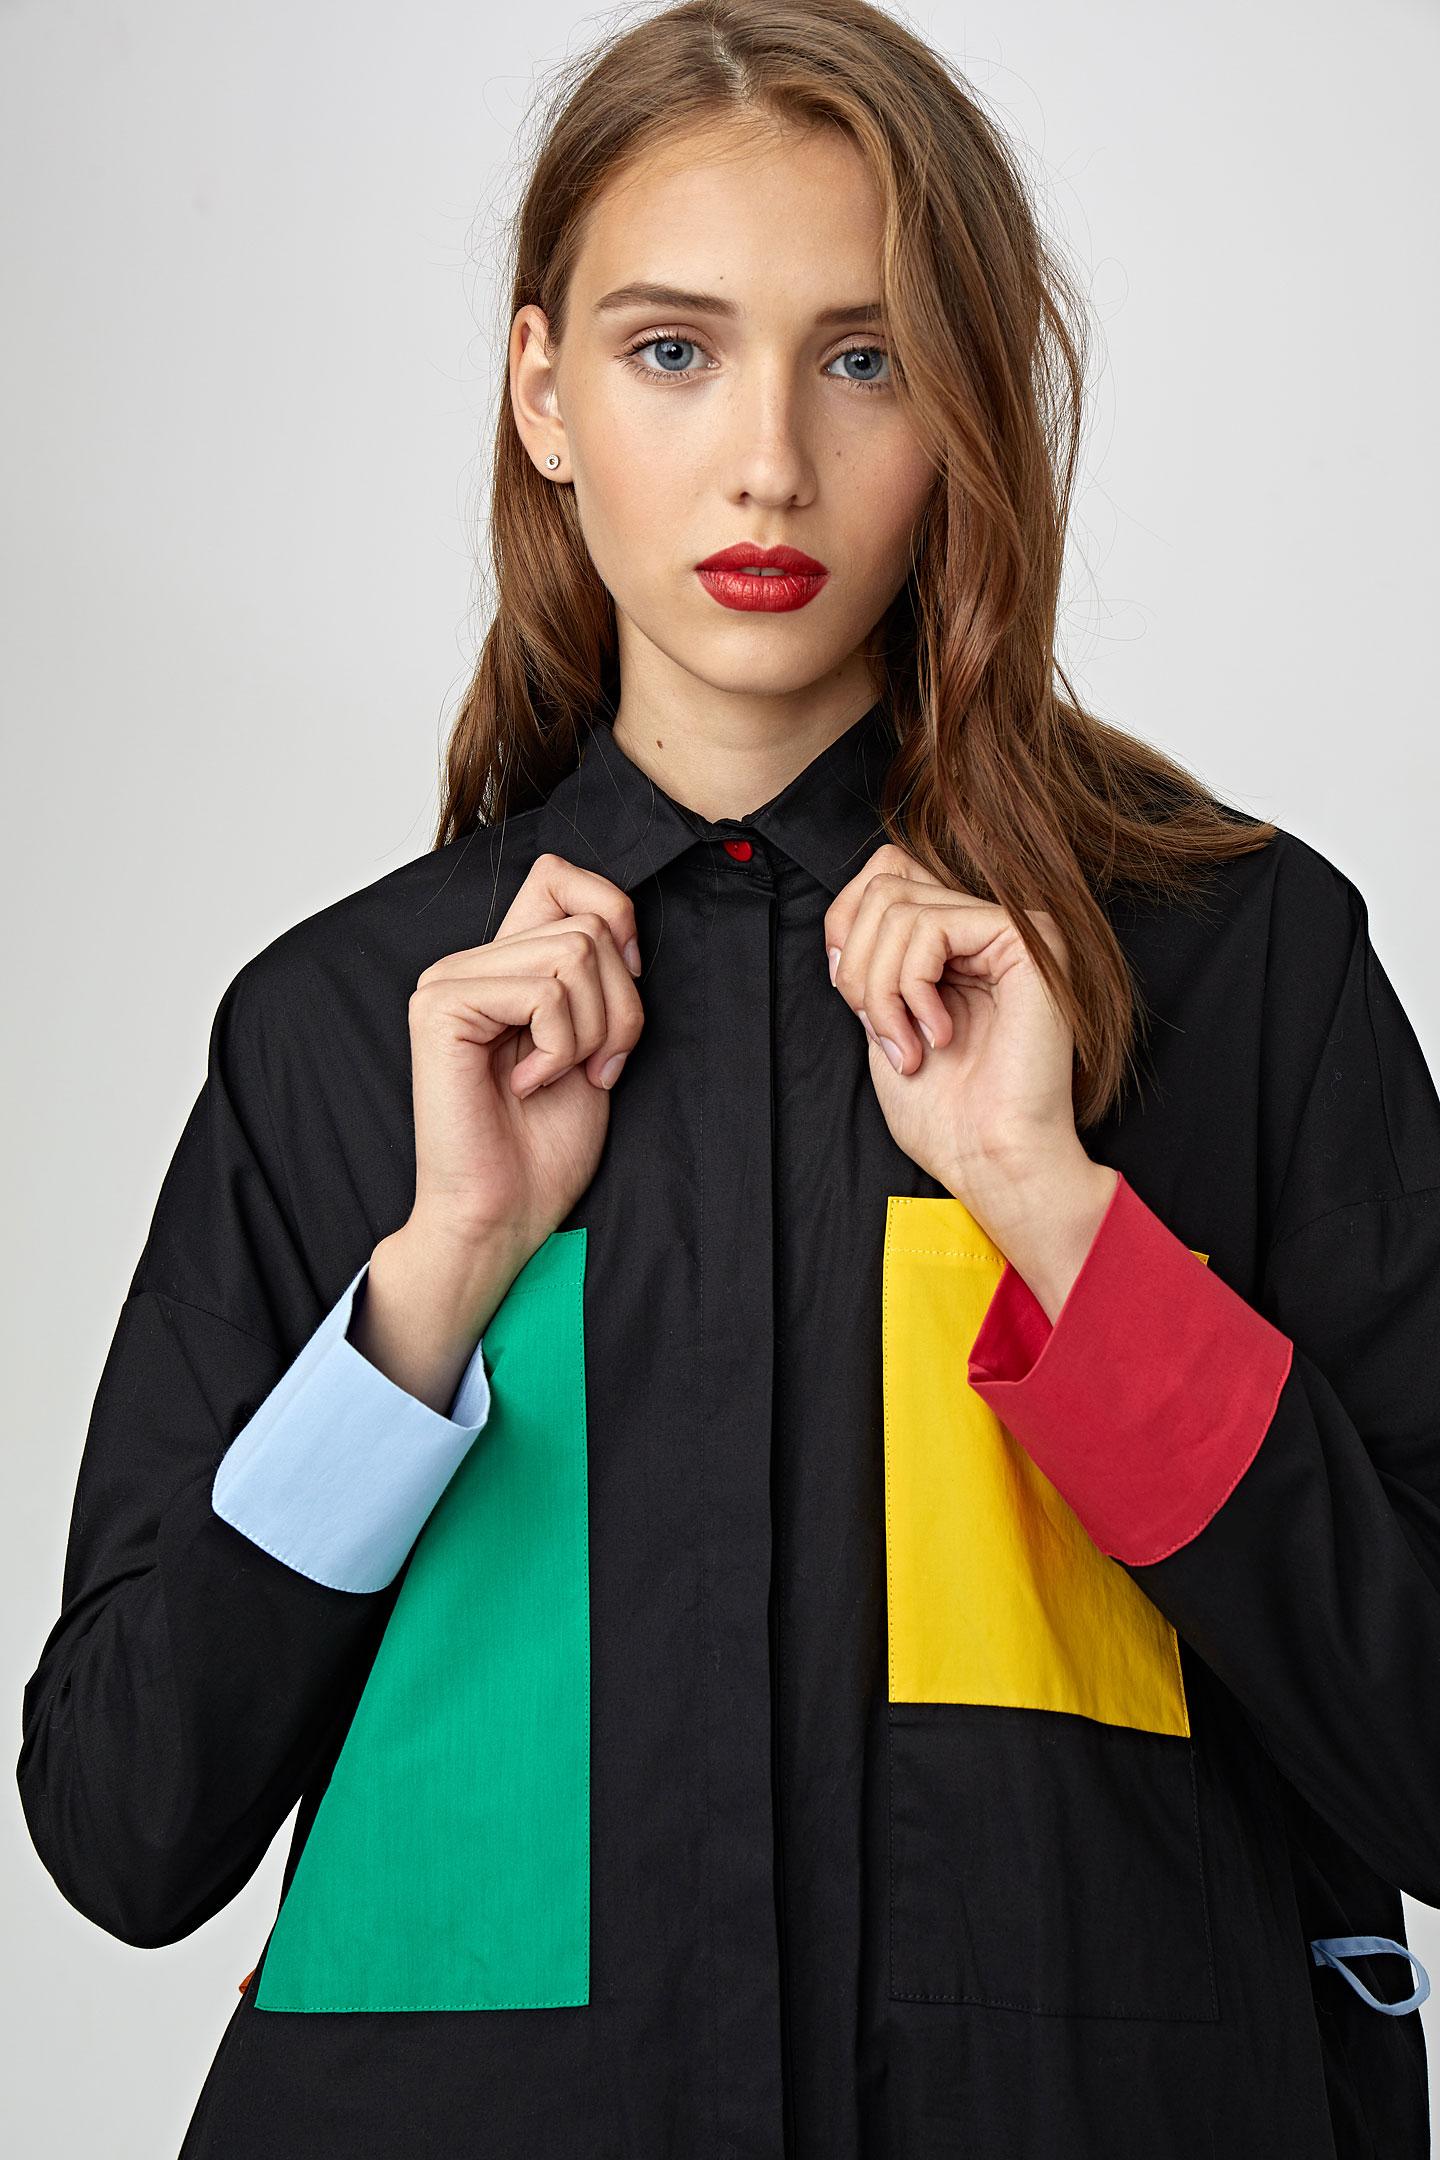 Одежда для женщин интернет магазин